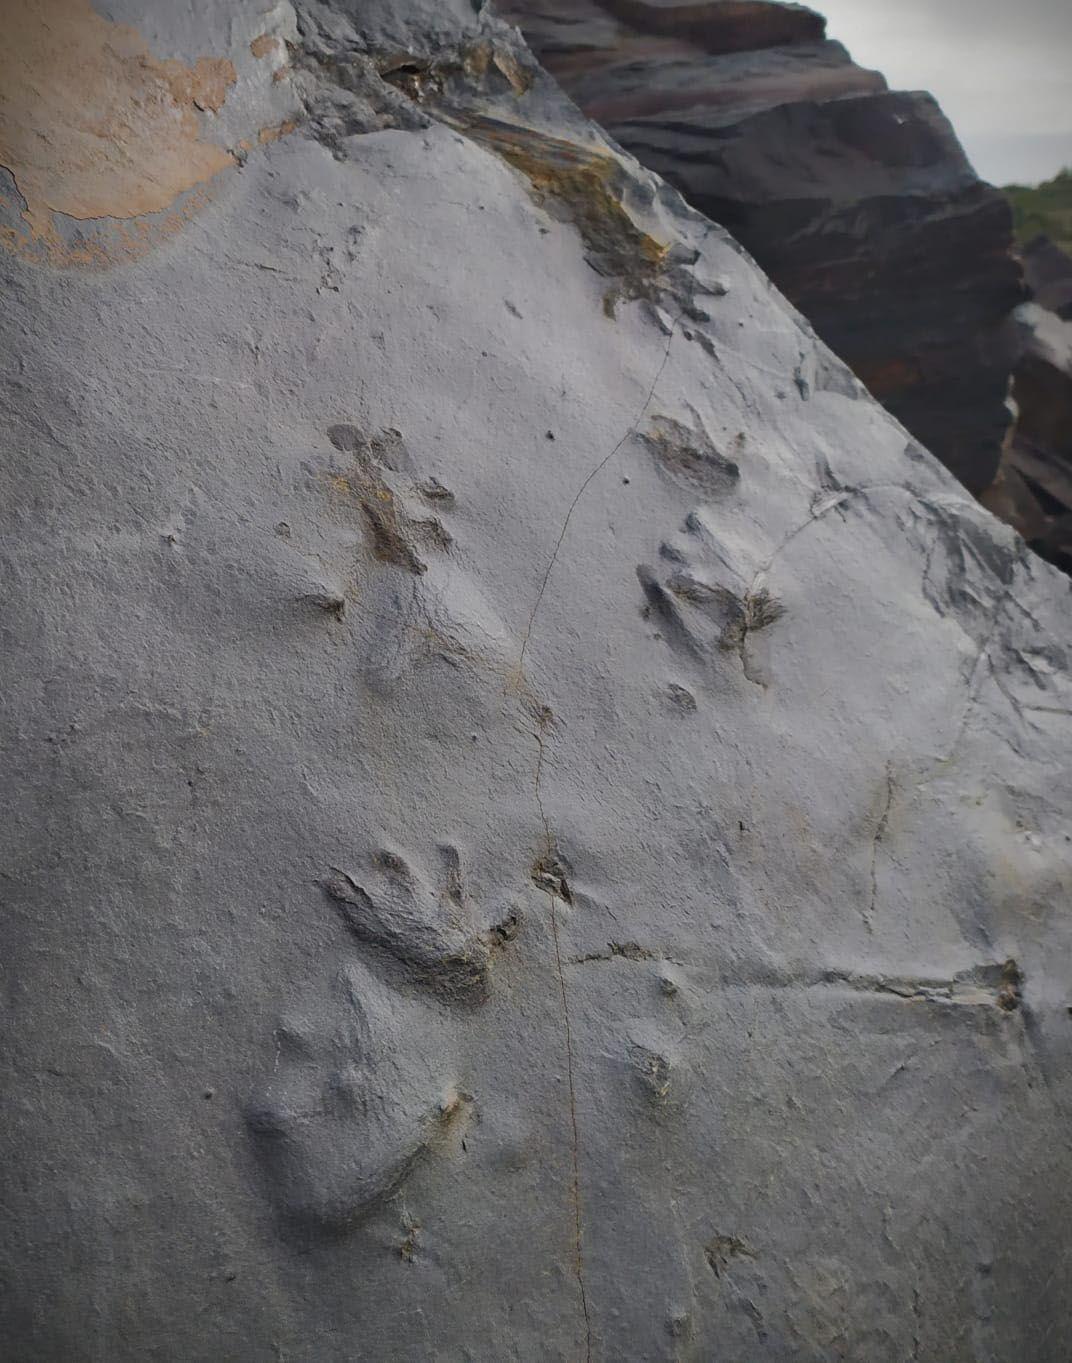 Localizan en la Gran Corta de Fabero (León) una huella de un anfibio de hace 300 millones de años